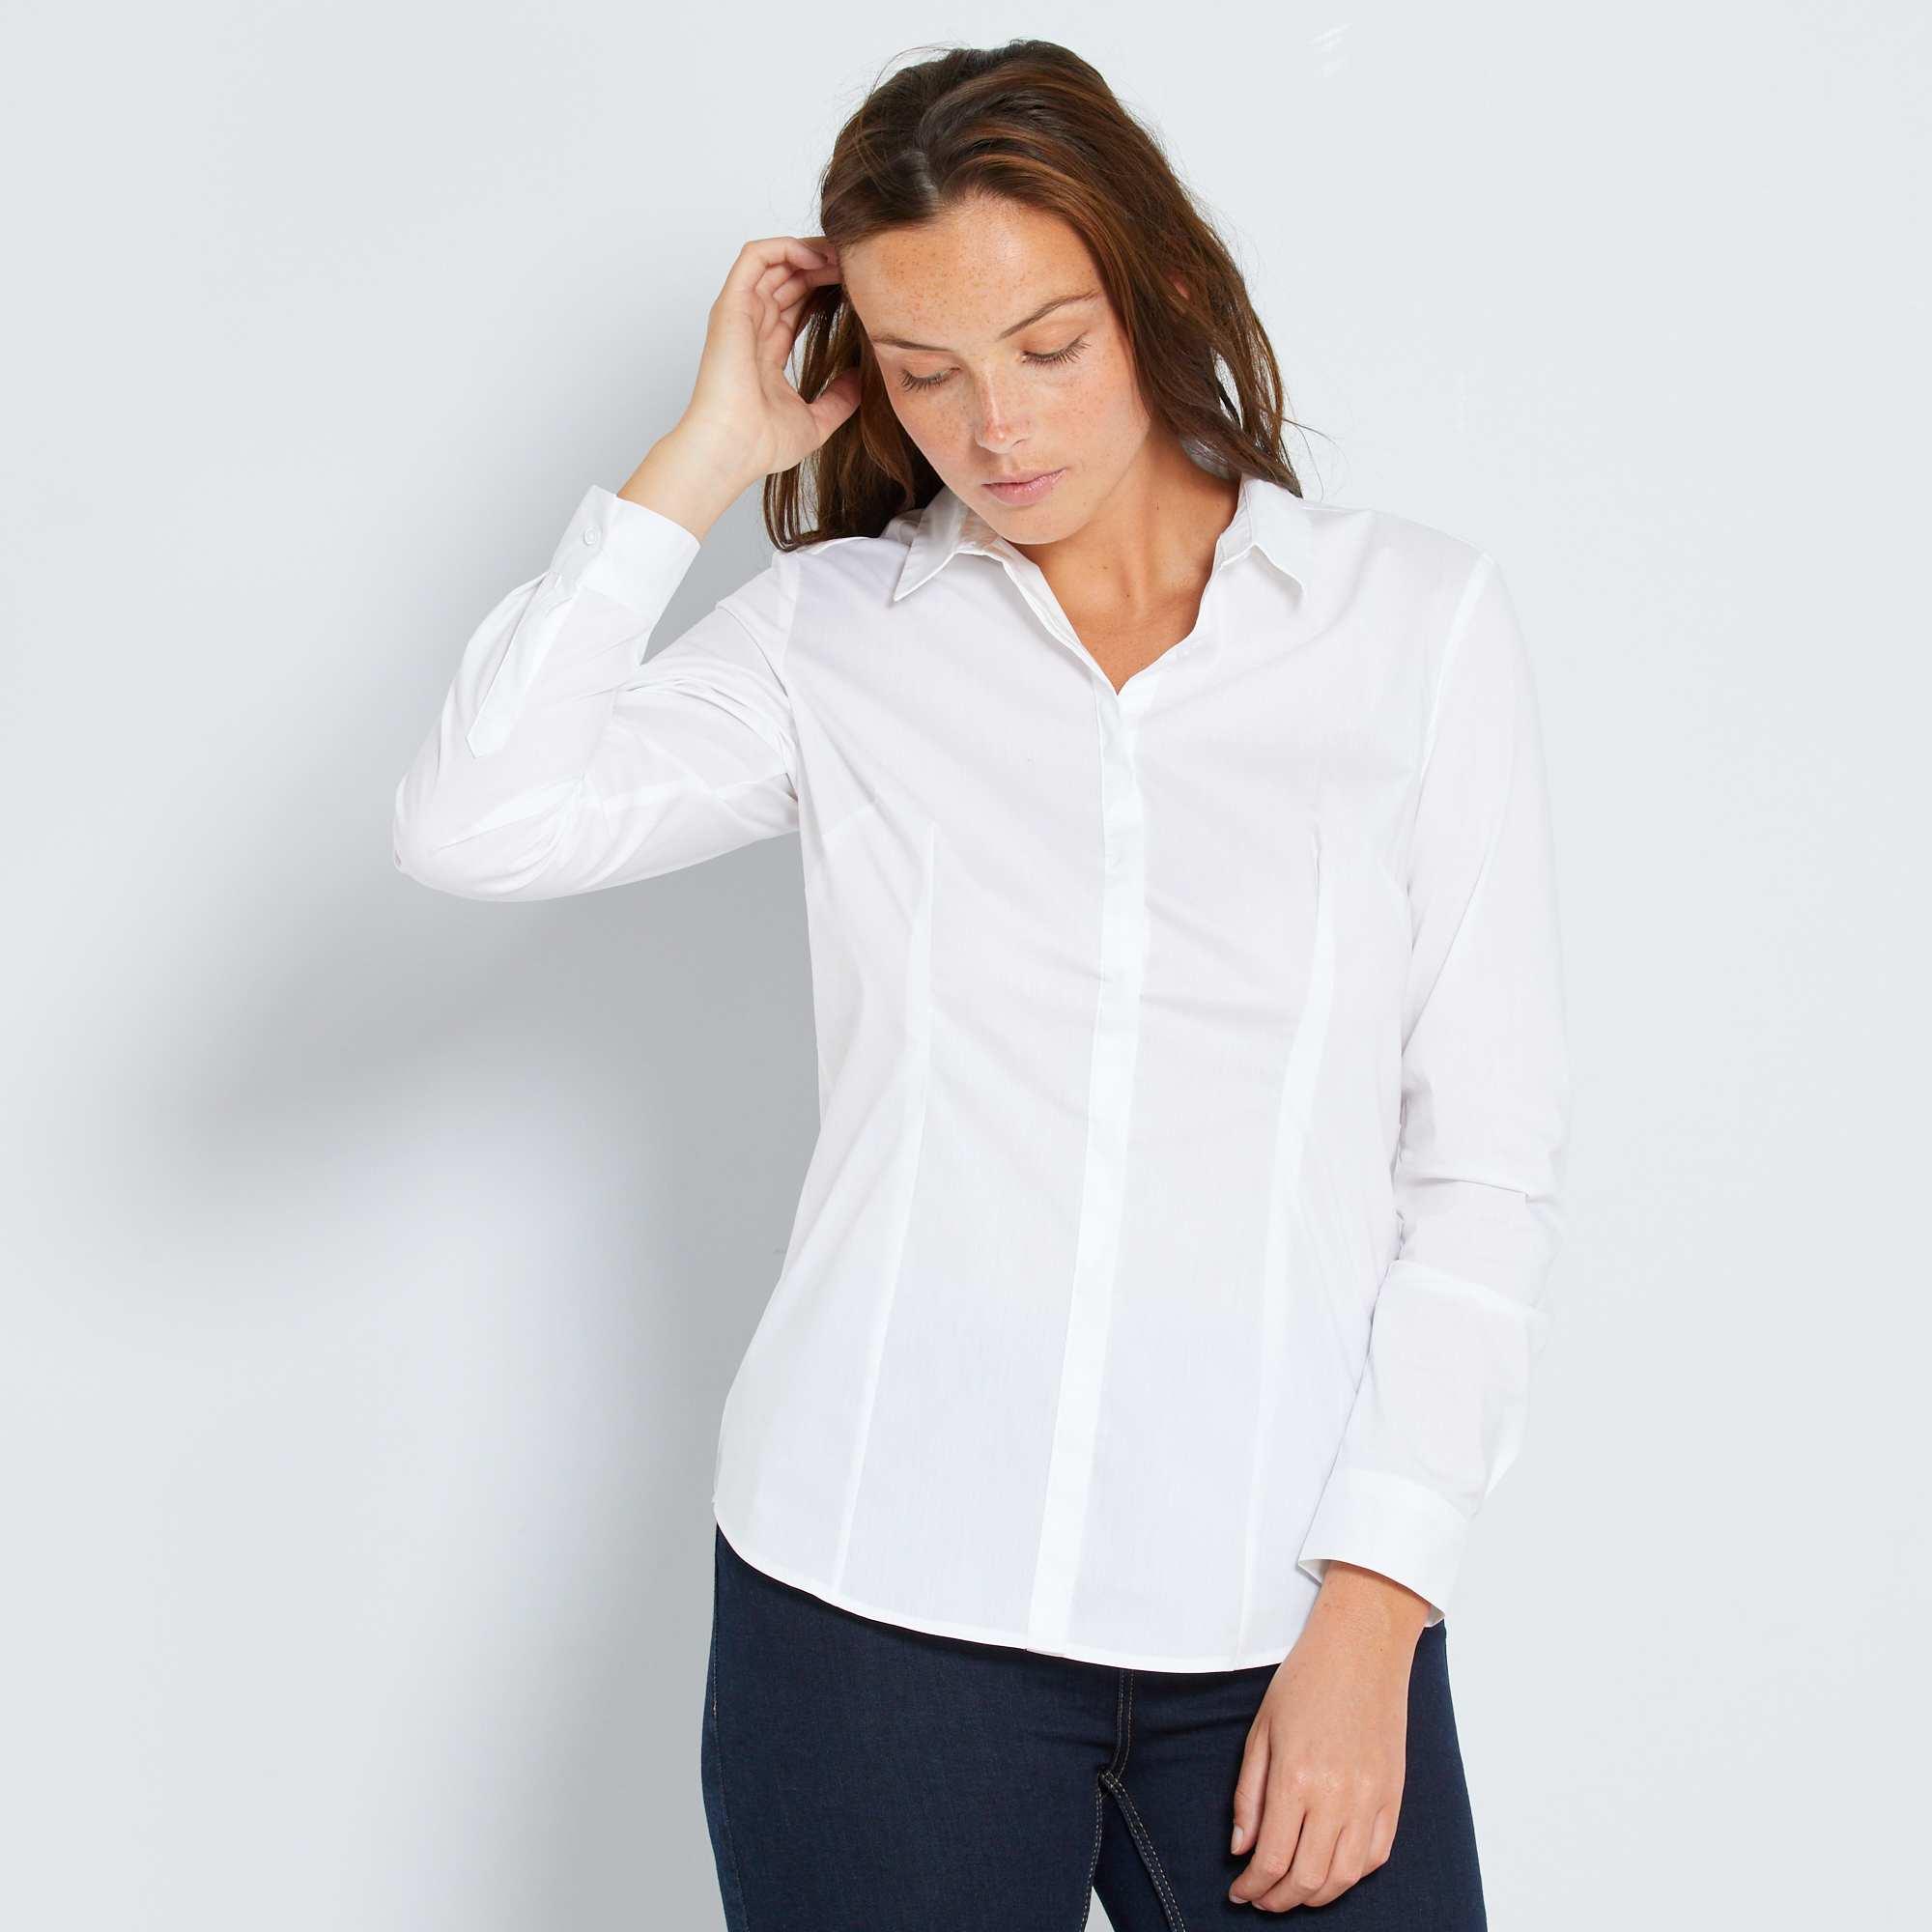 5f0d88018 Camisa cintada em popelina elástica Mulher do 34 até 48 - Branco ...